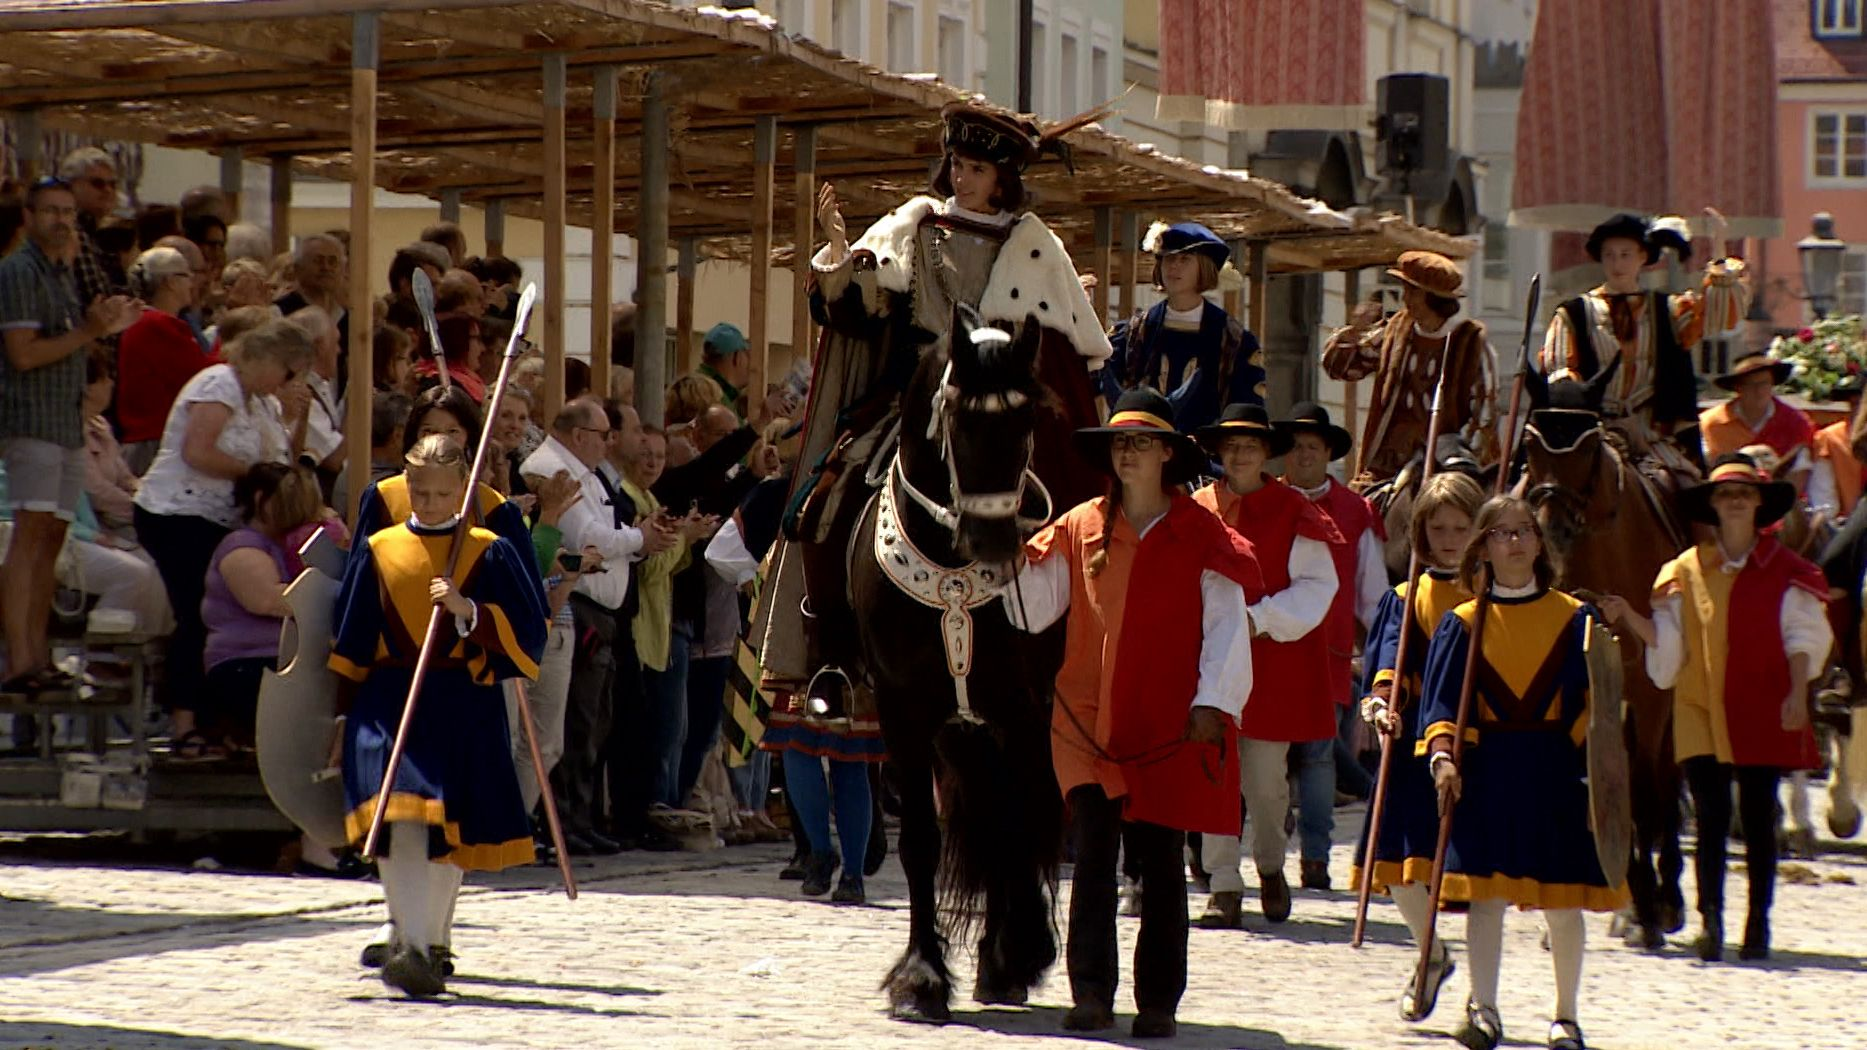 Kinder in historischen Gewändern spielen Geschichte Kaufbeurens nach.